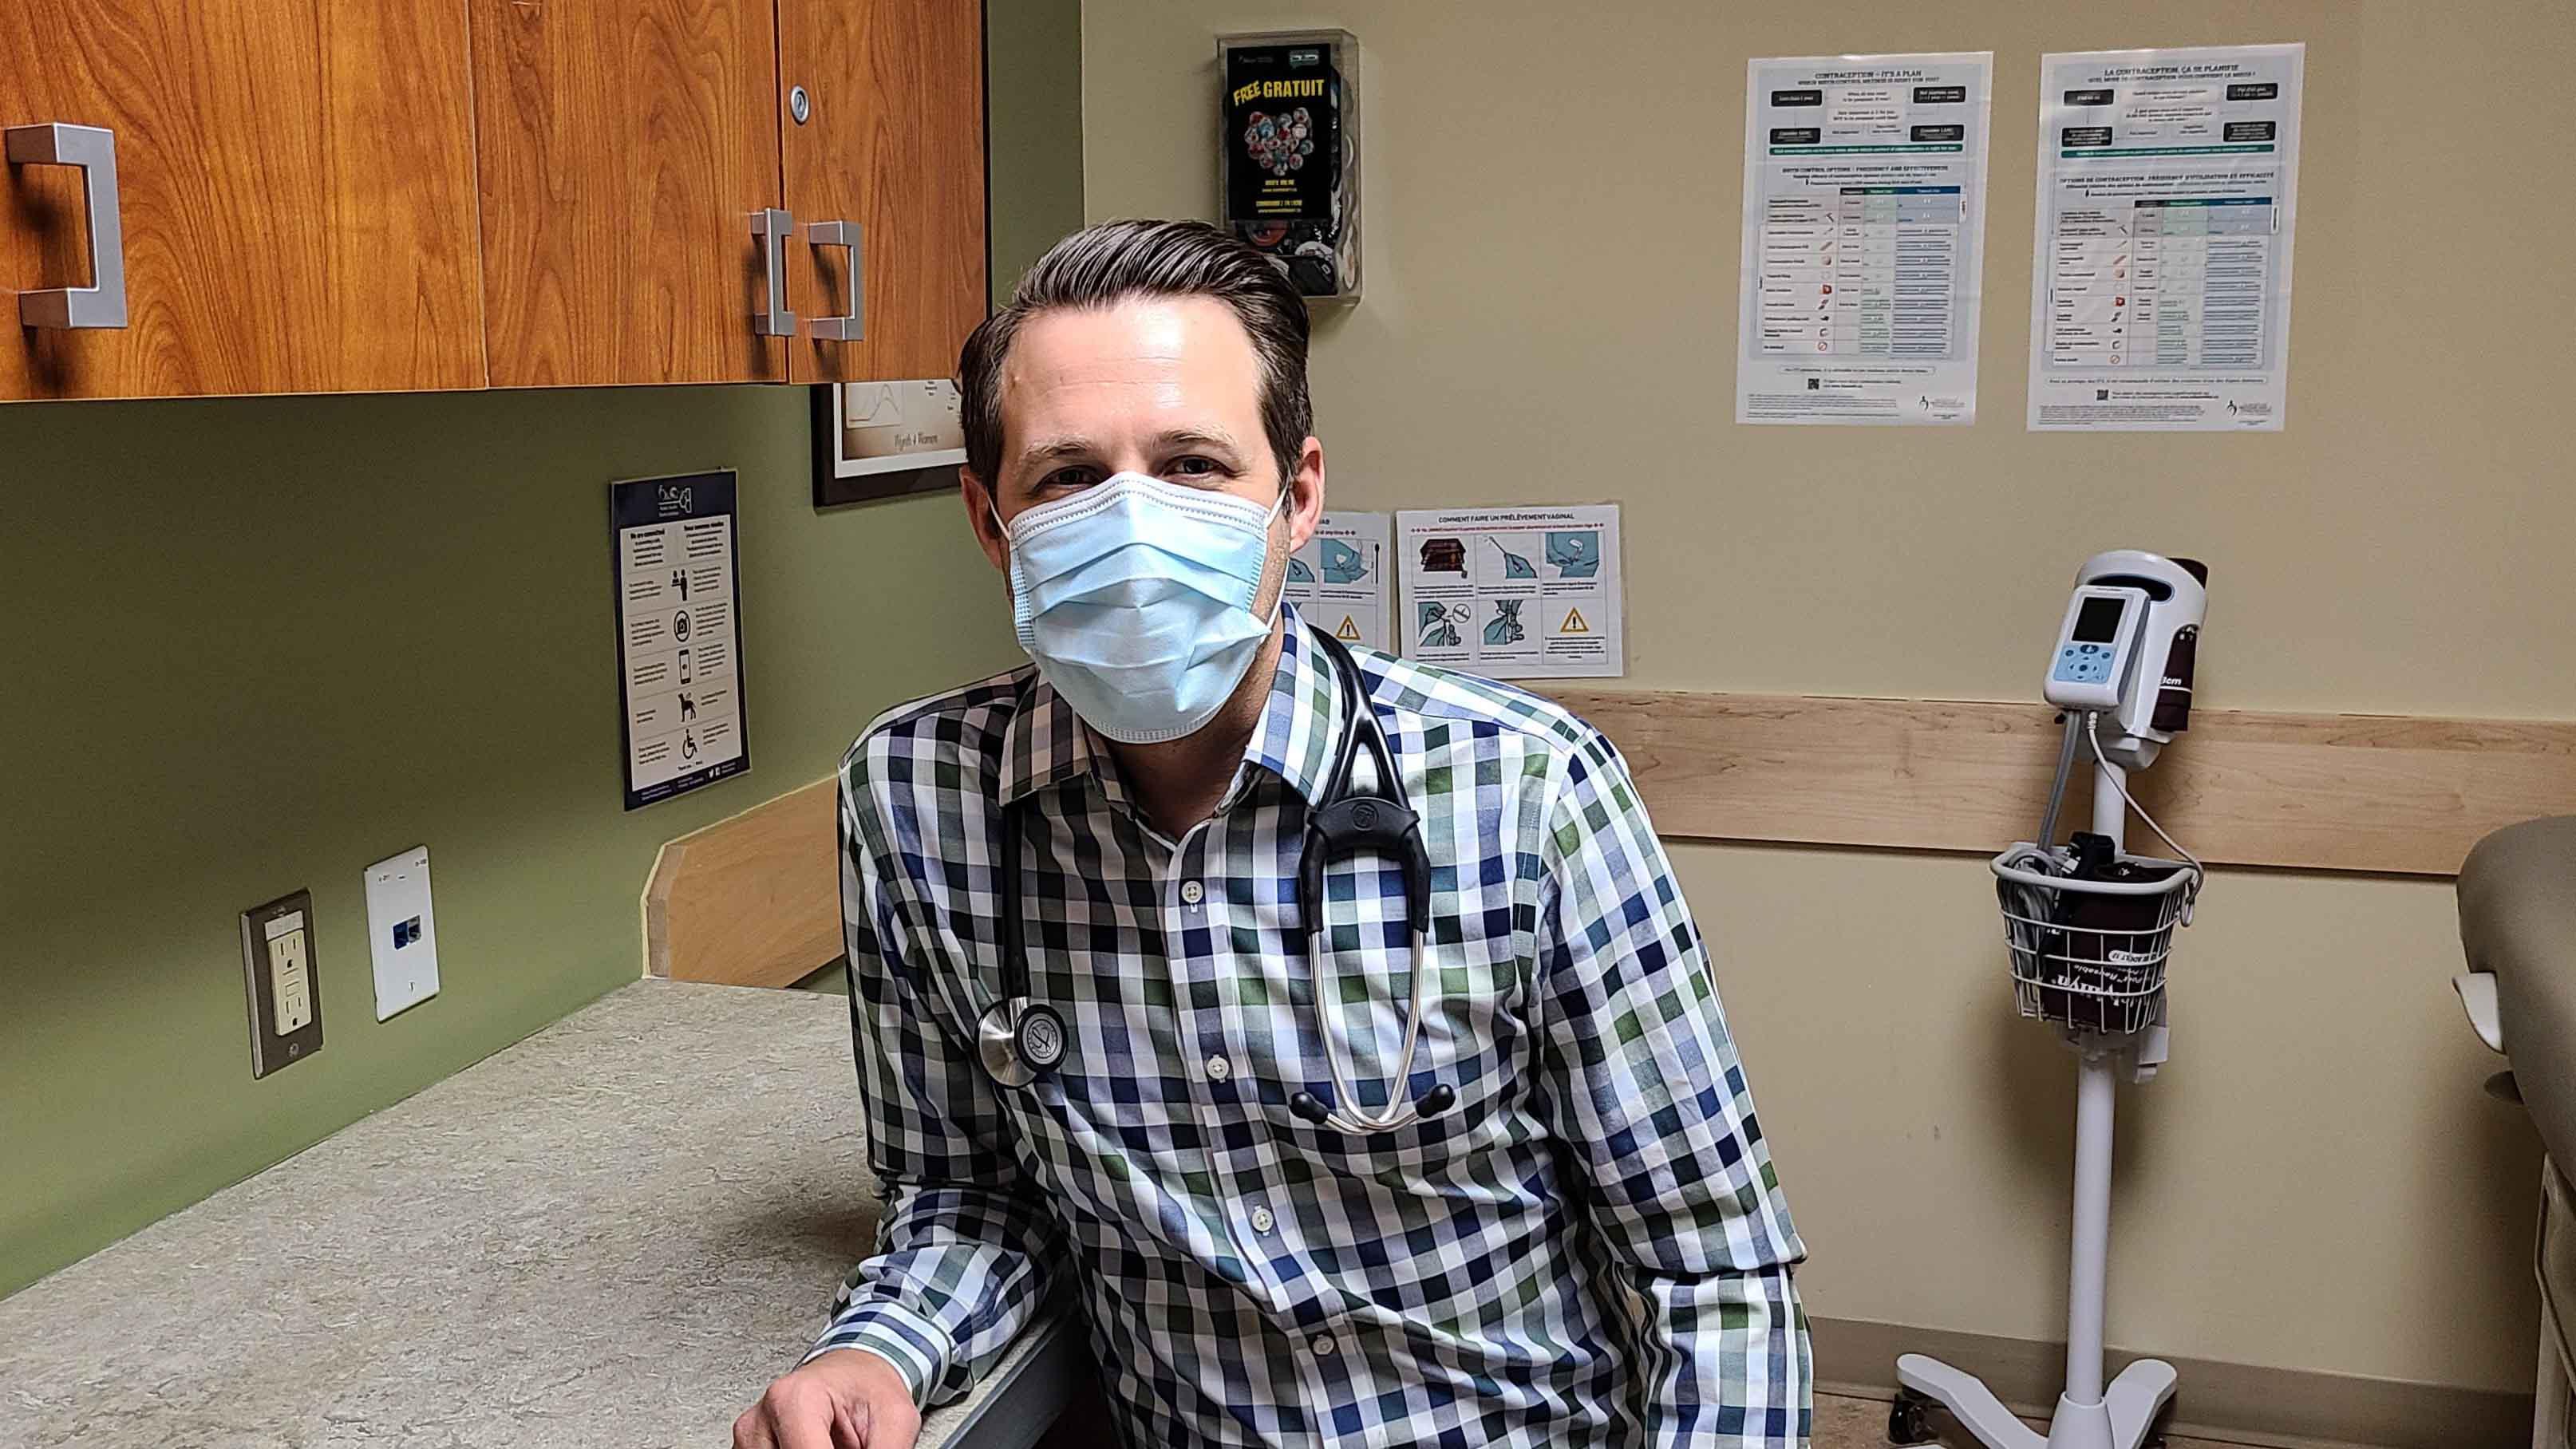 Un infirmier portant un masque est assis dans une clinique.